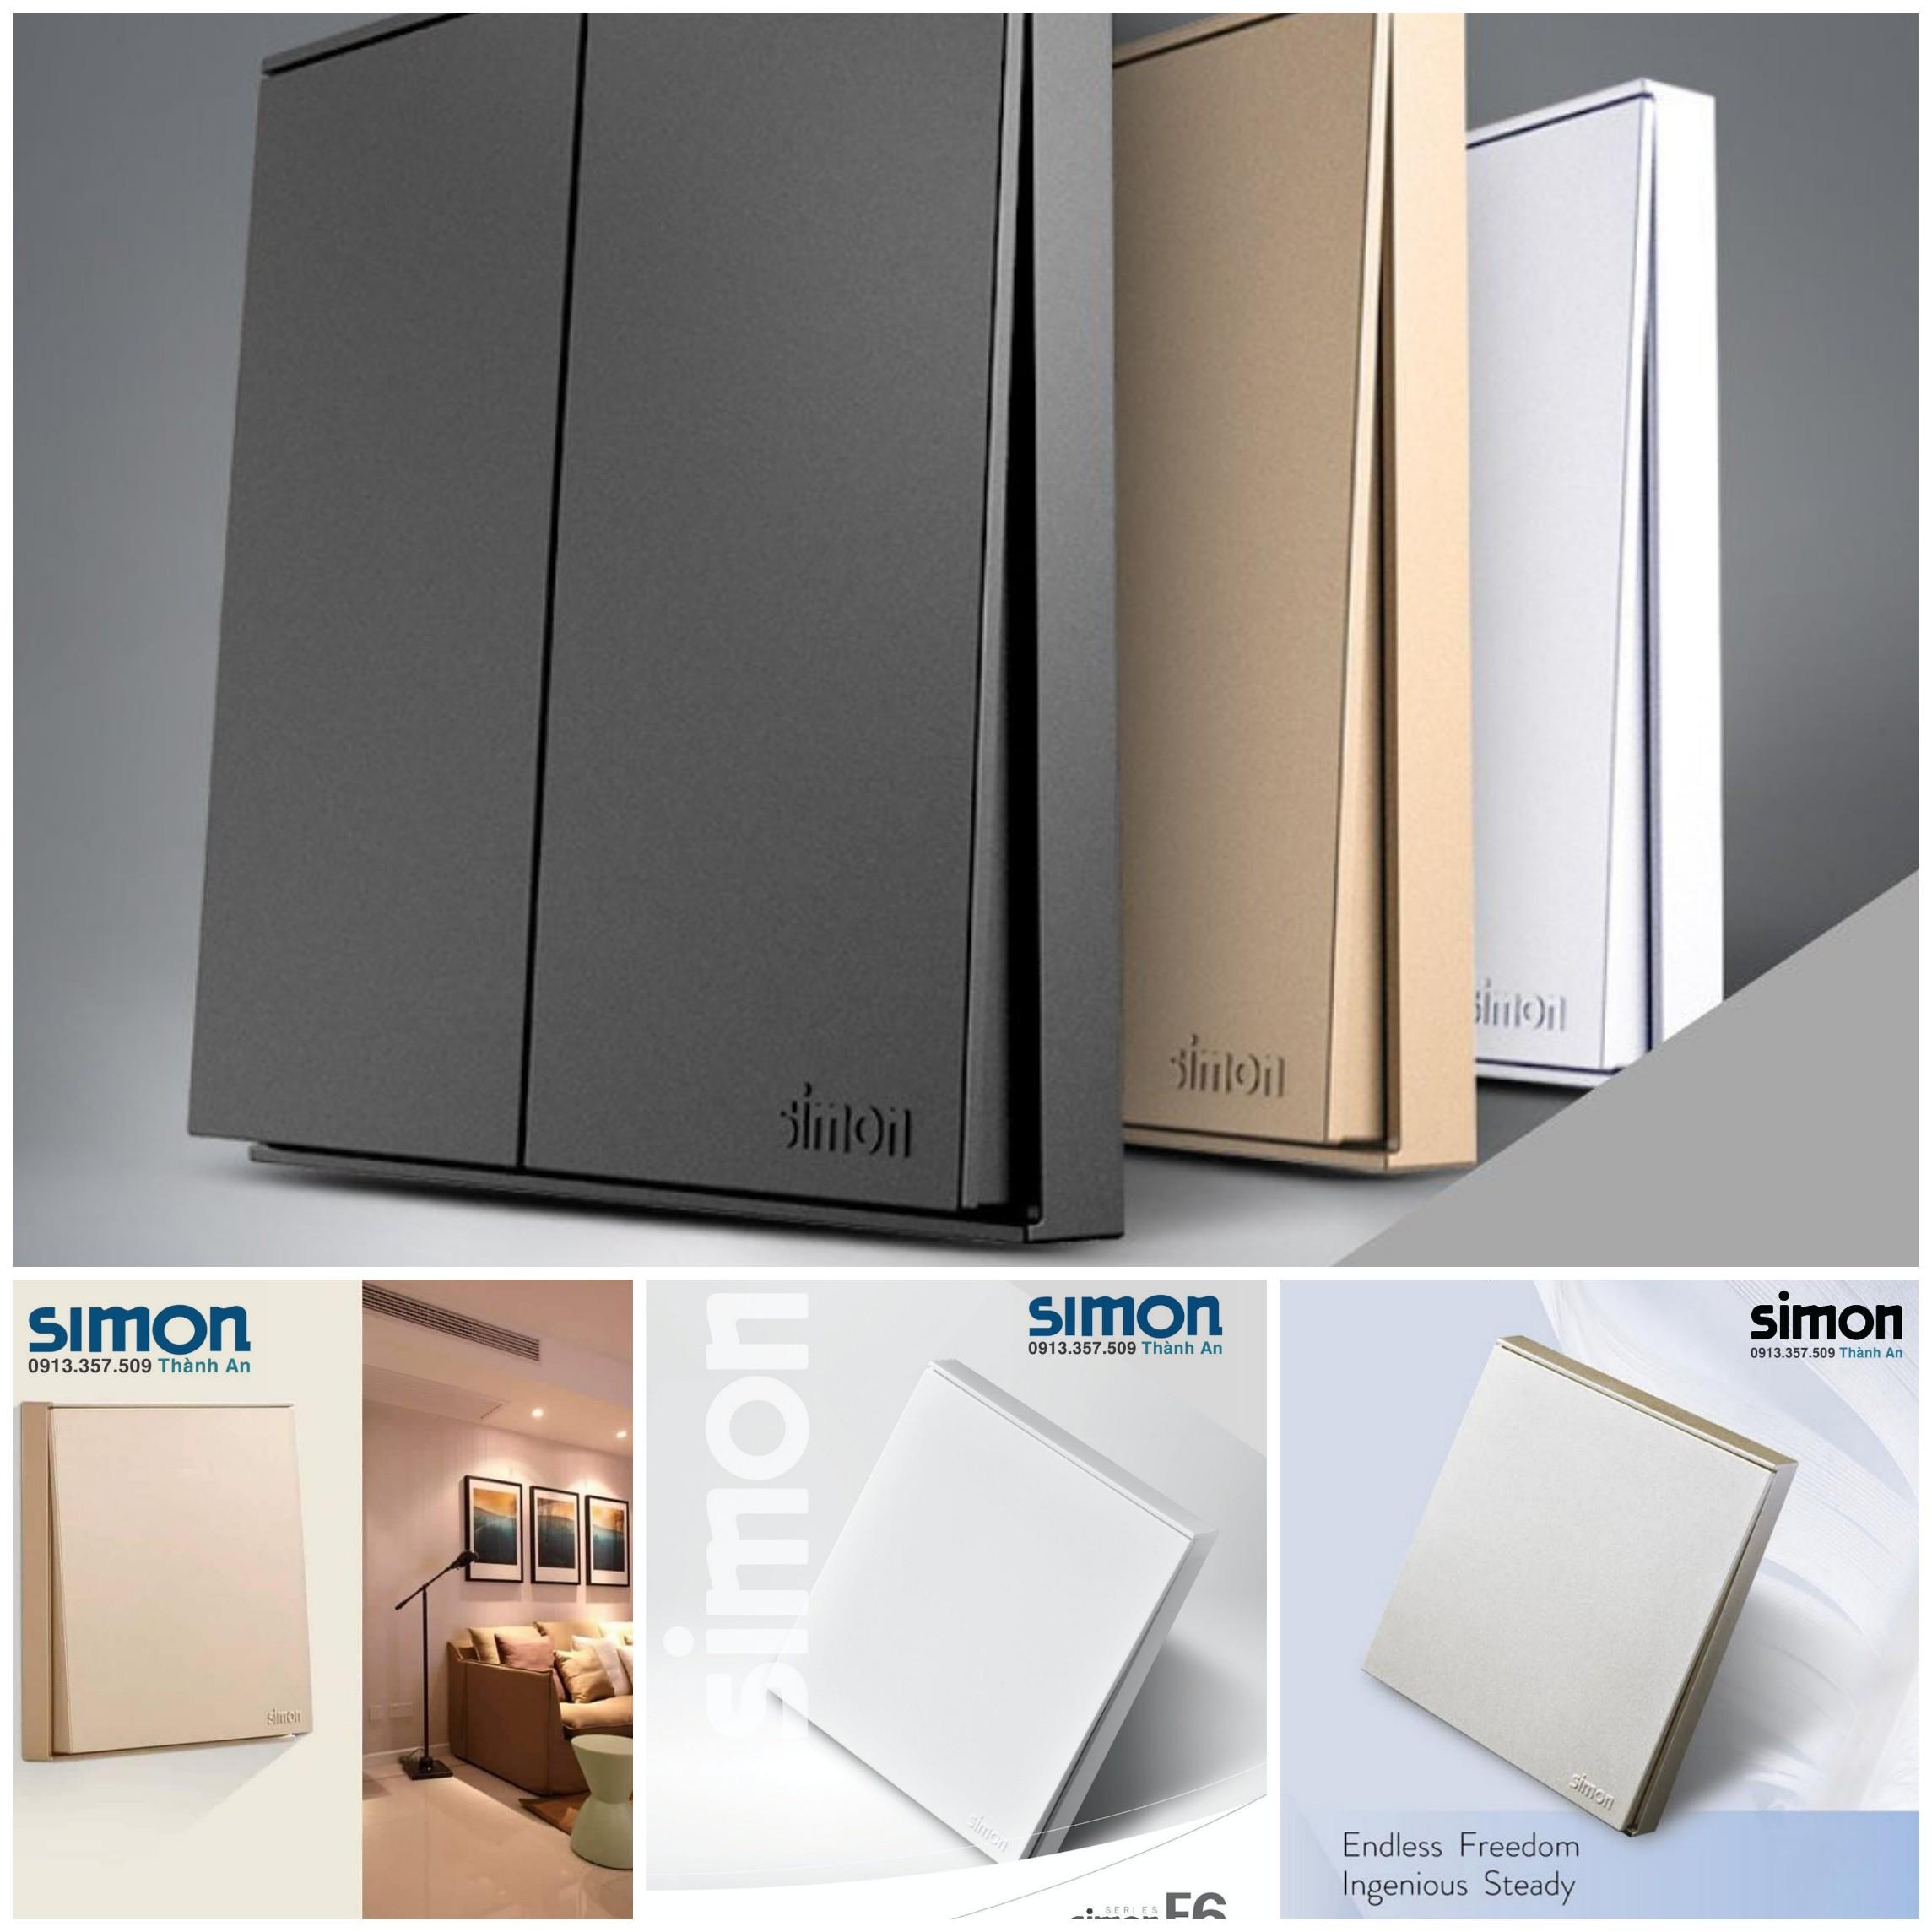 SIMON E6